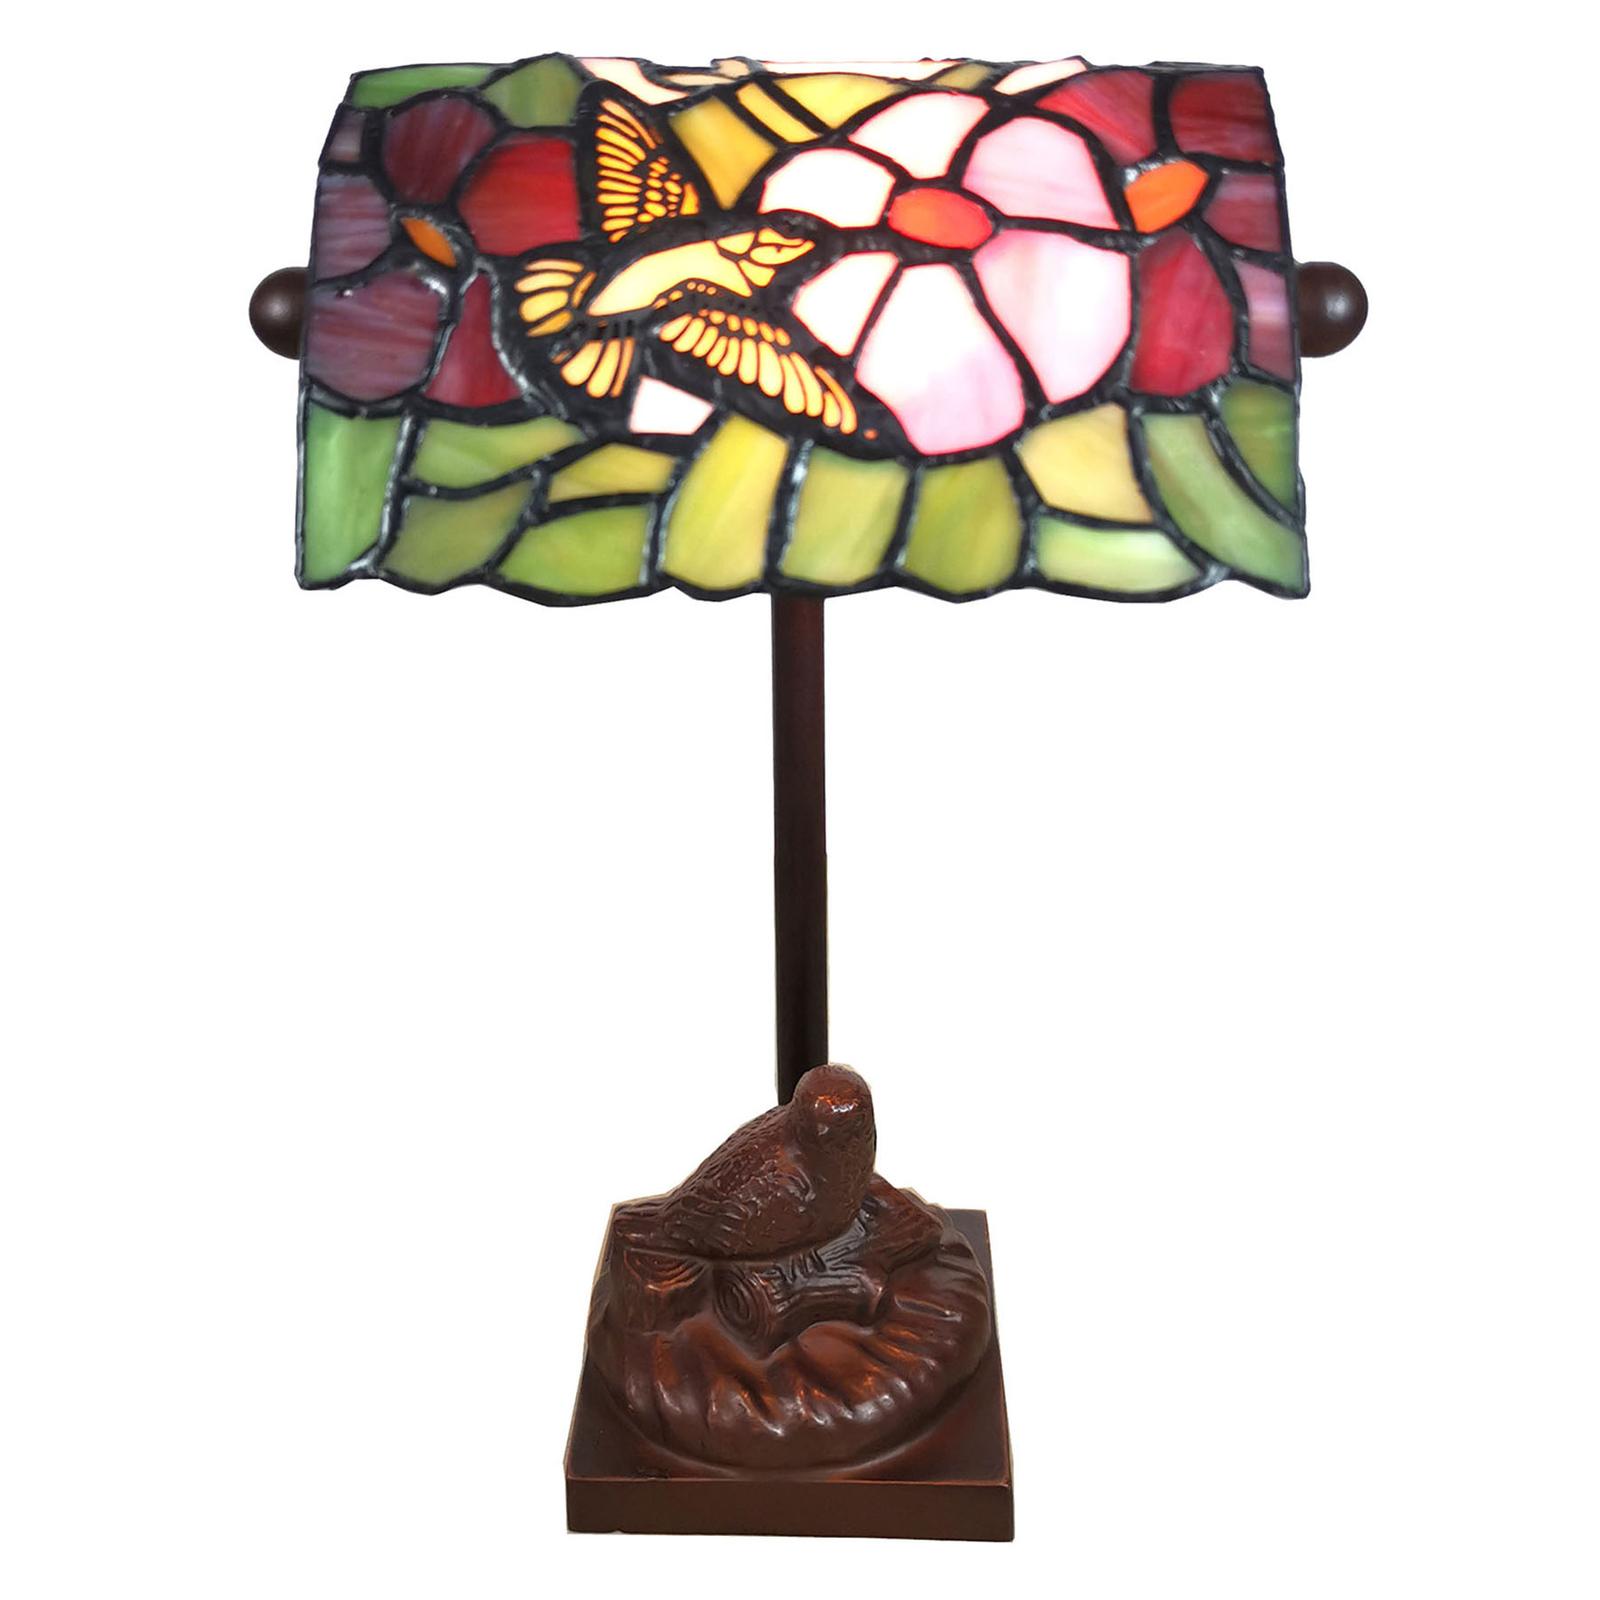 Tischleuchte 6008, Tiffany-Stil, mit Vogelmotiv